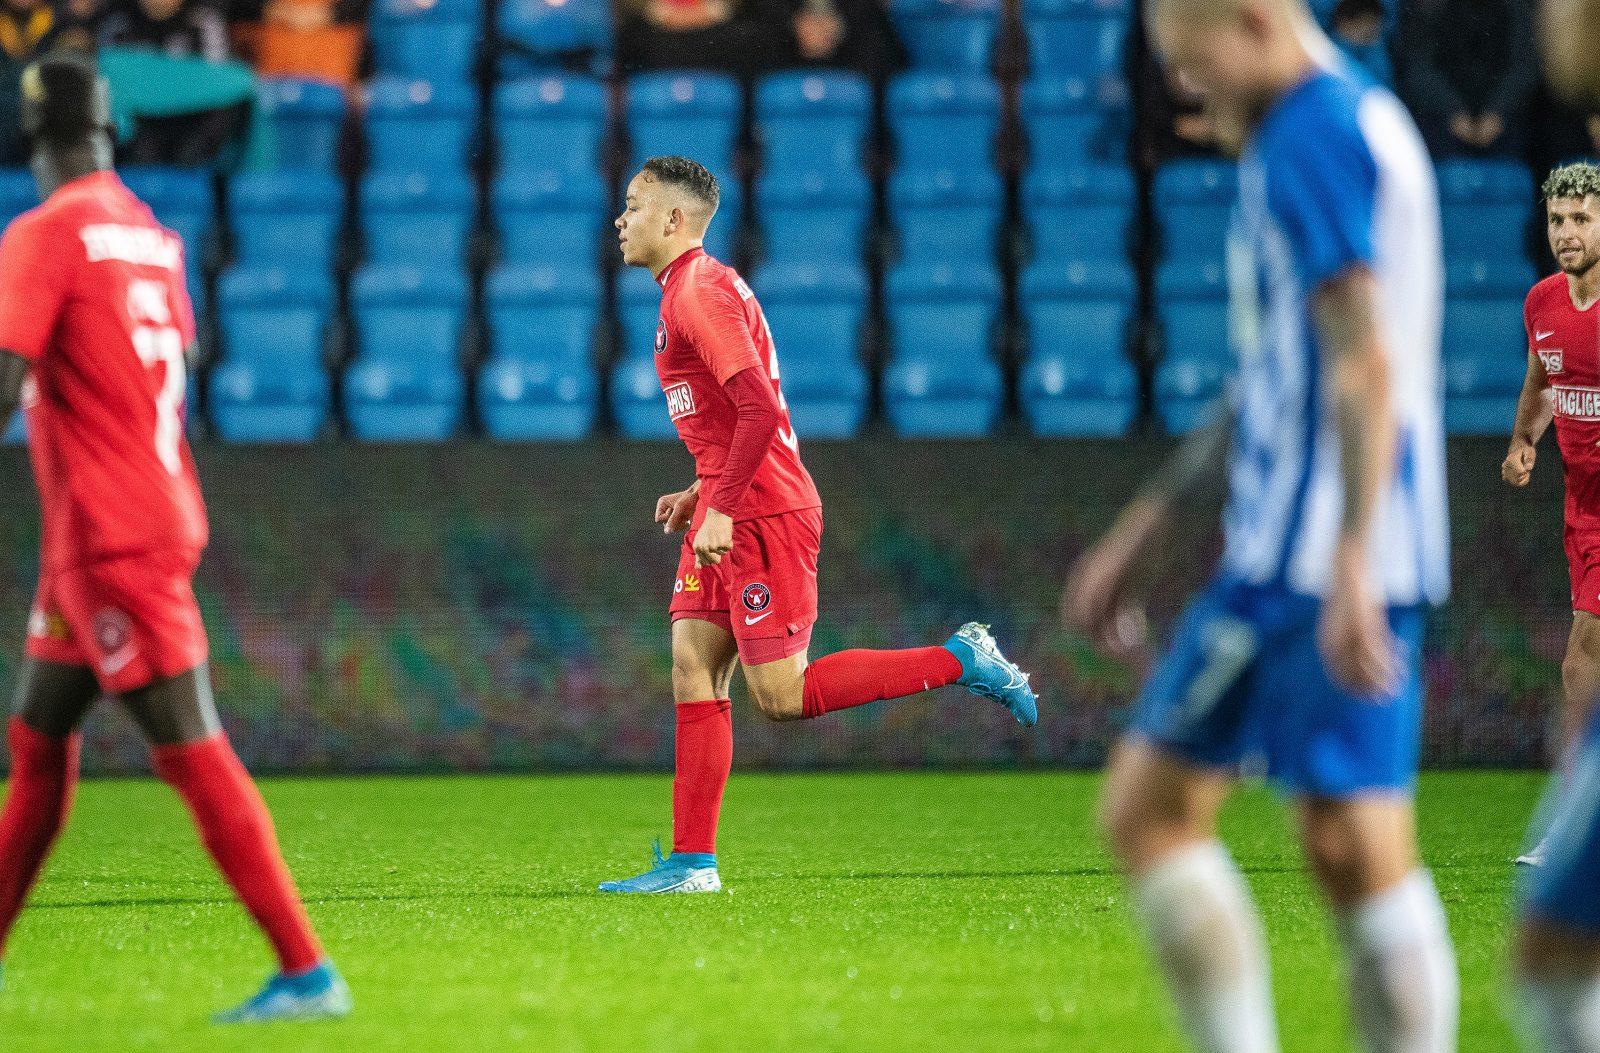 Esbjerg fB-FC Midtjylland-17